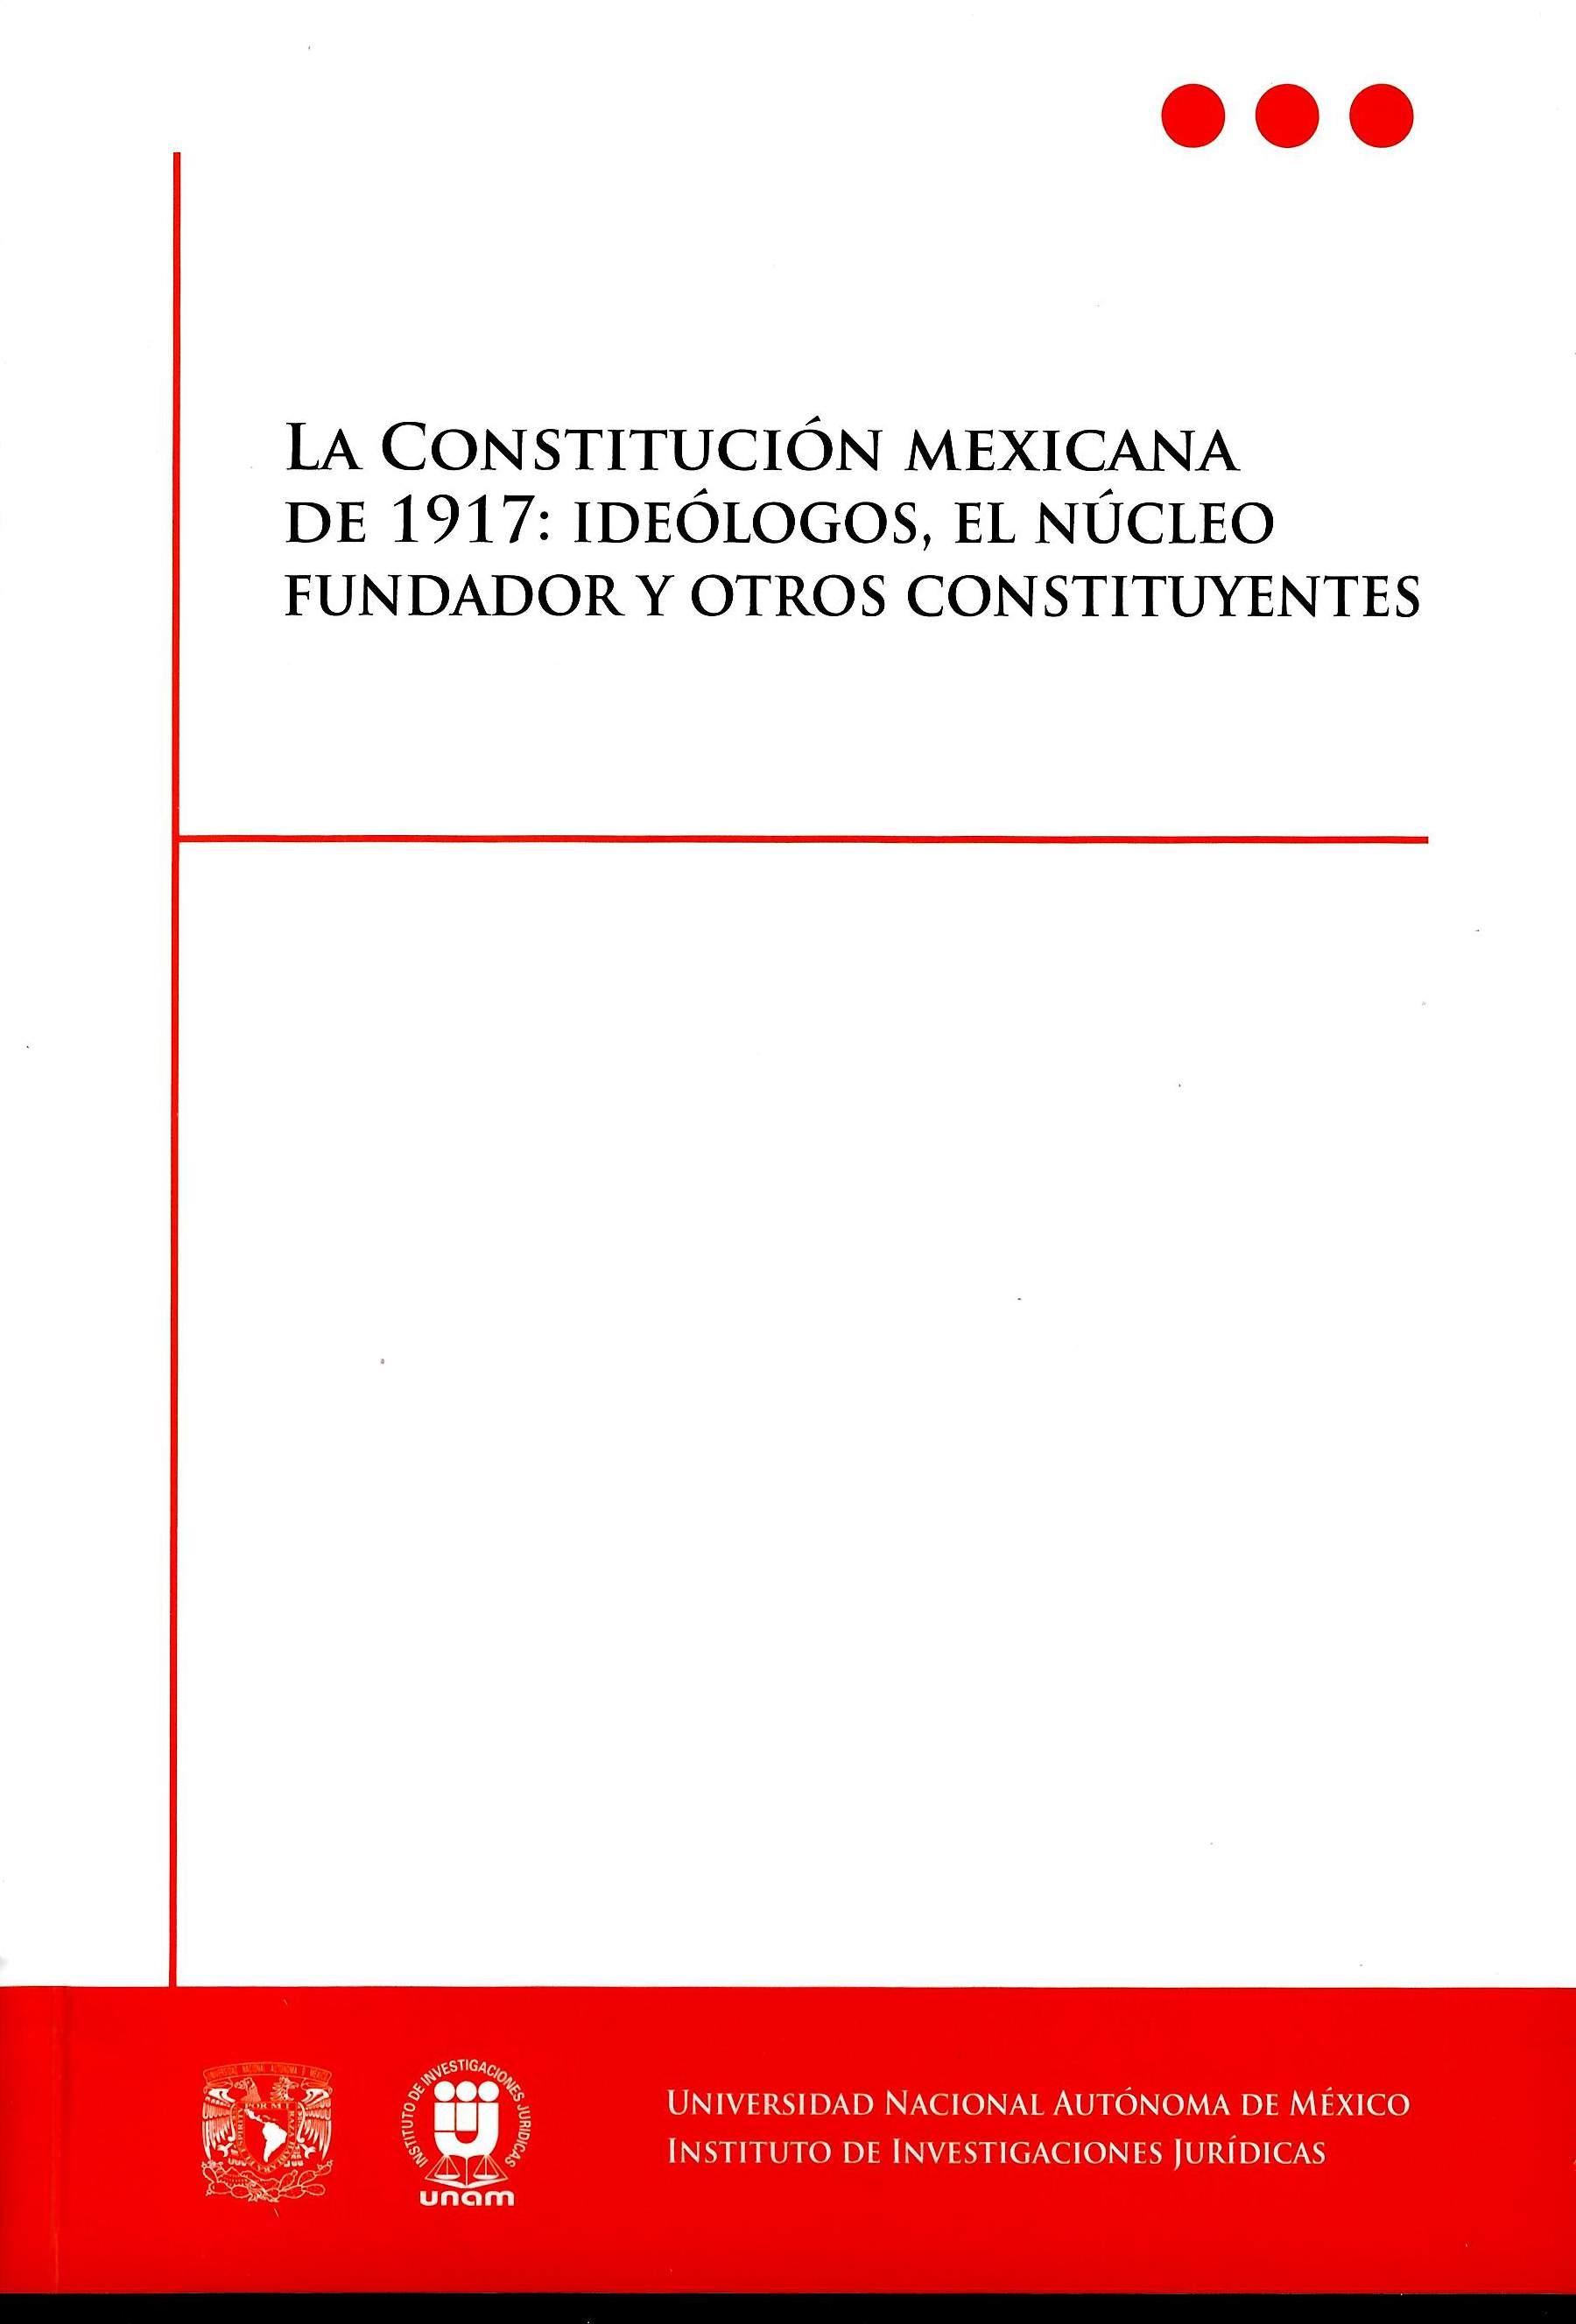 La constitución mexicana de 1917: ideólogos, el núcleo fundador y otros constituyentes